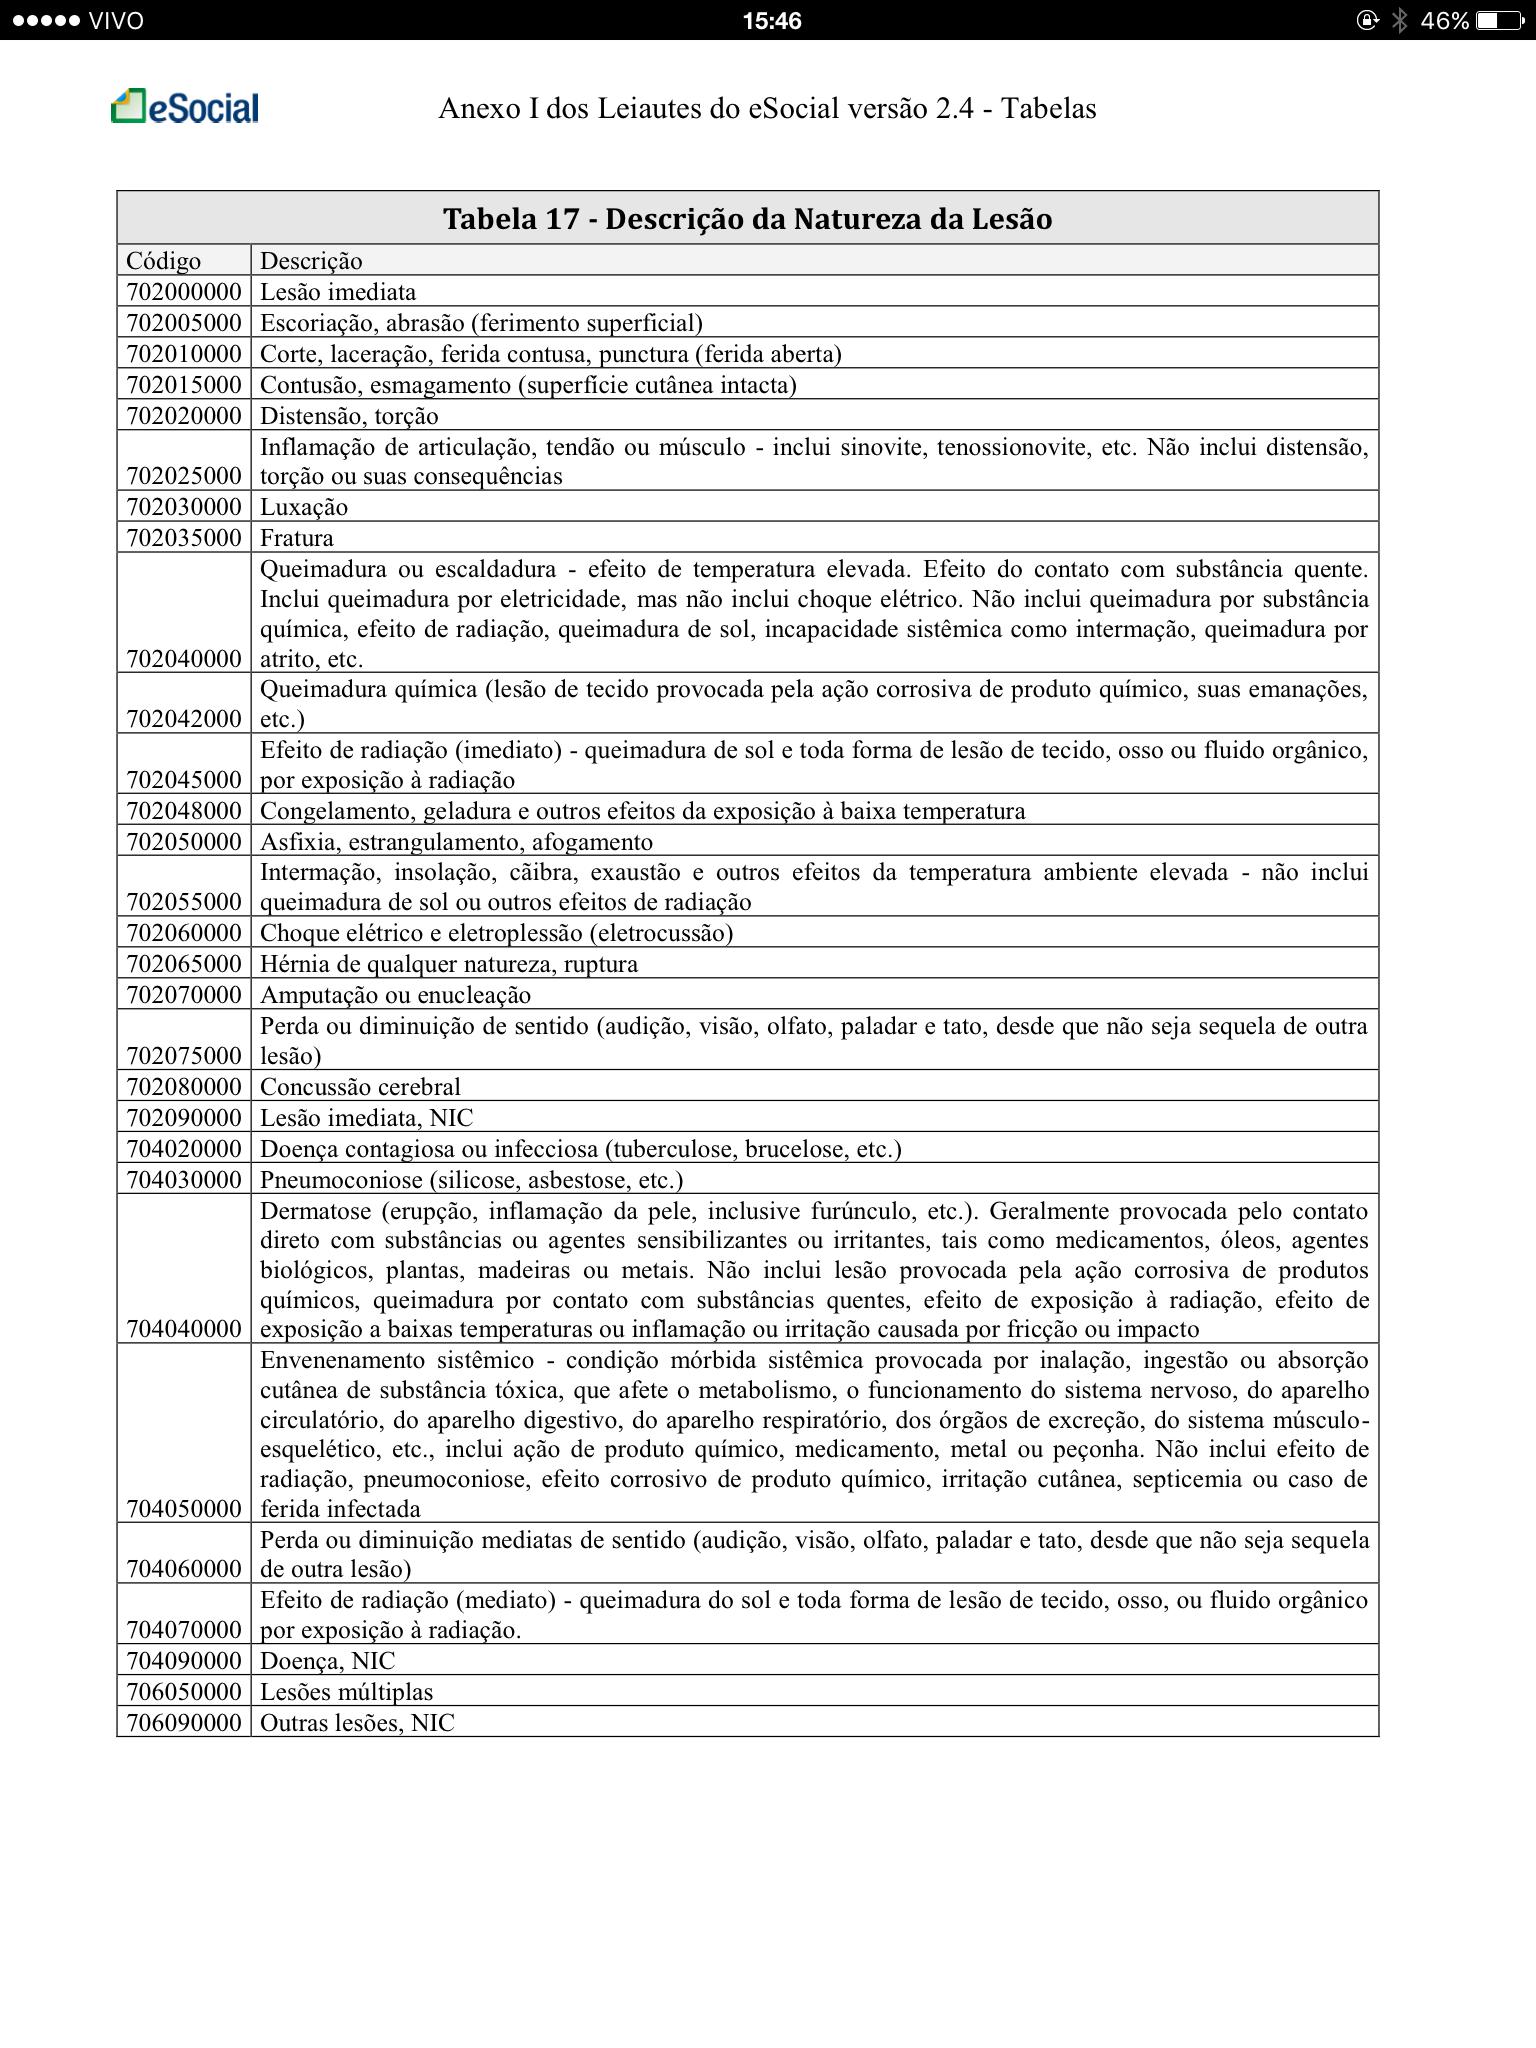 Tabela 17 - Descrição da Natureza da Lesão